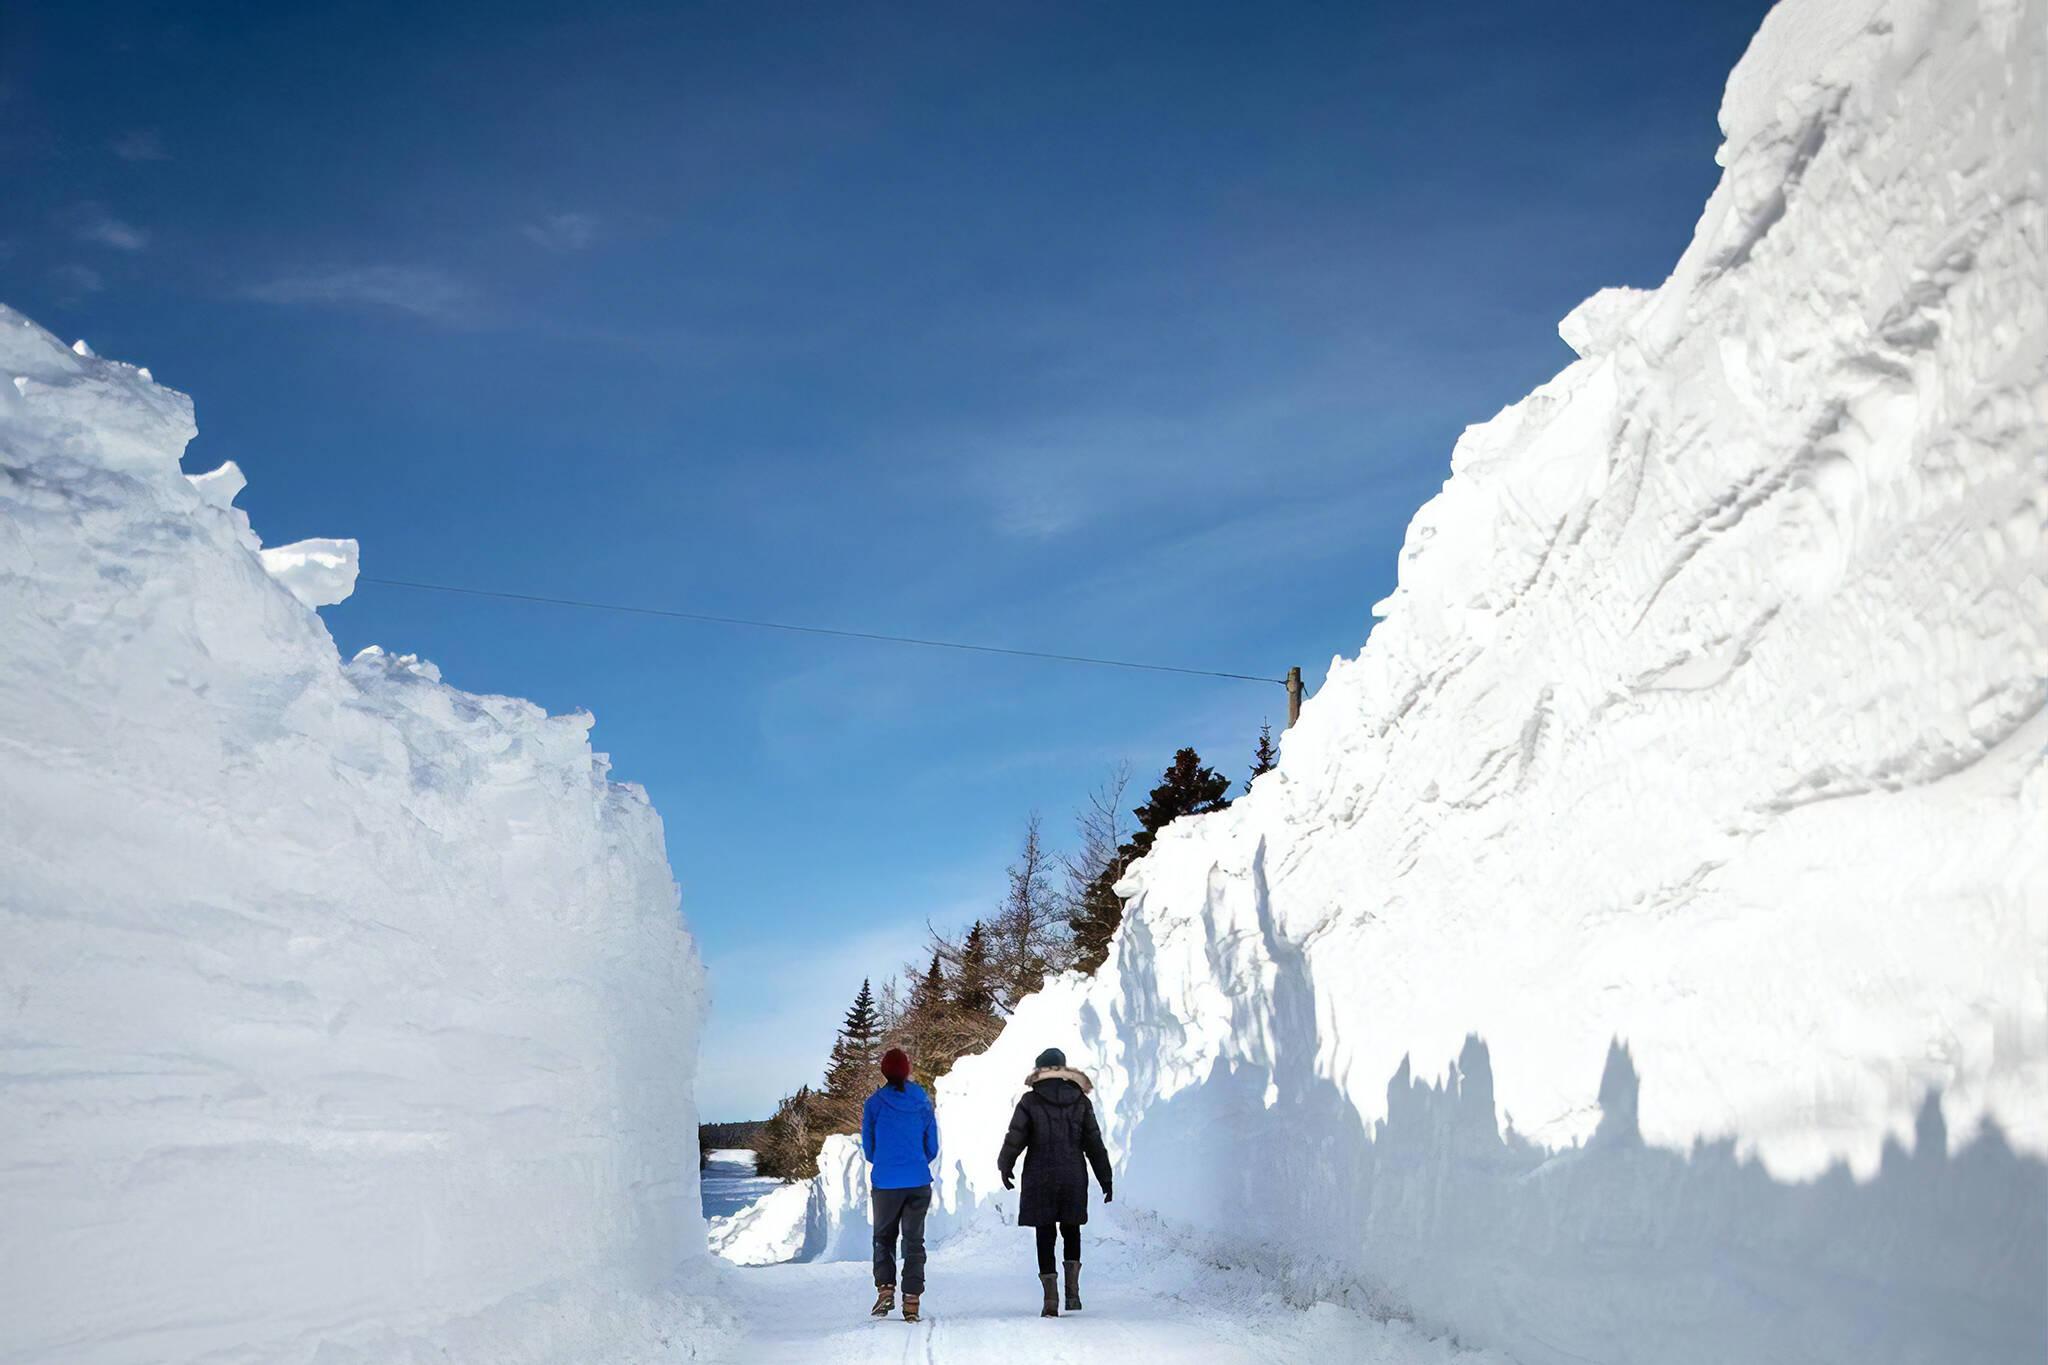 newfoundland snow